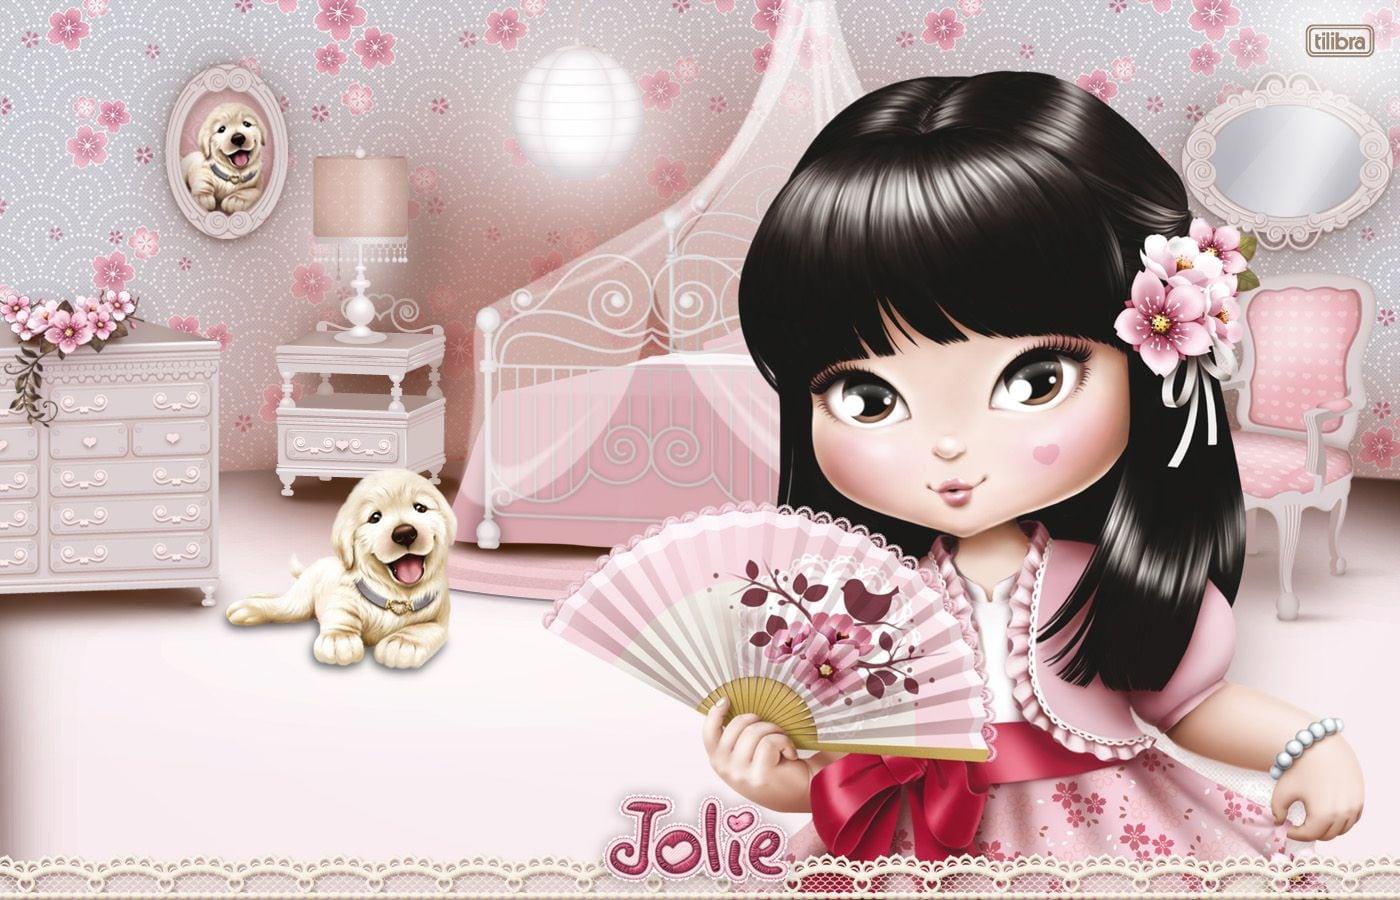 Desenhos Jolie